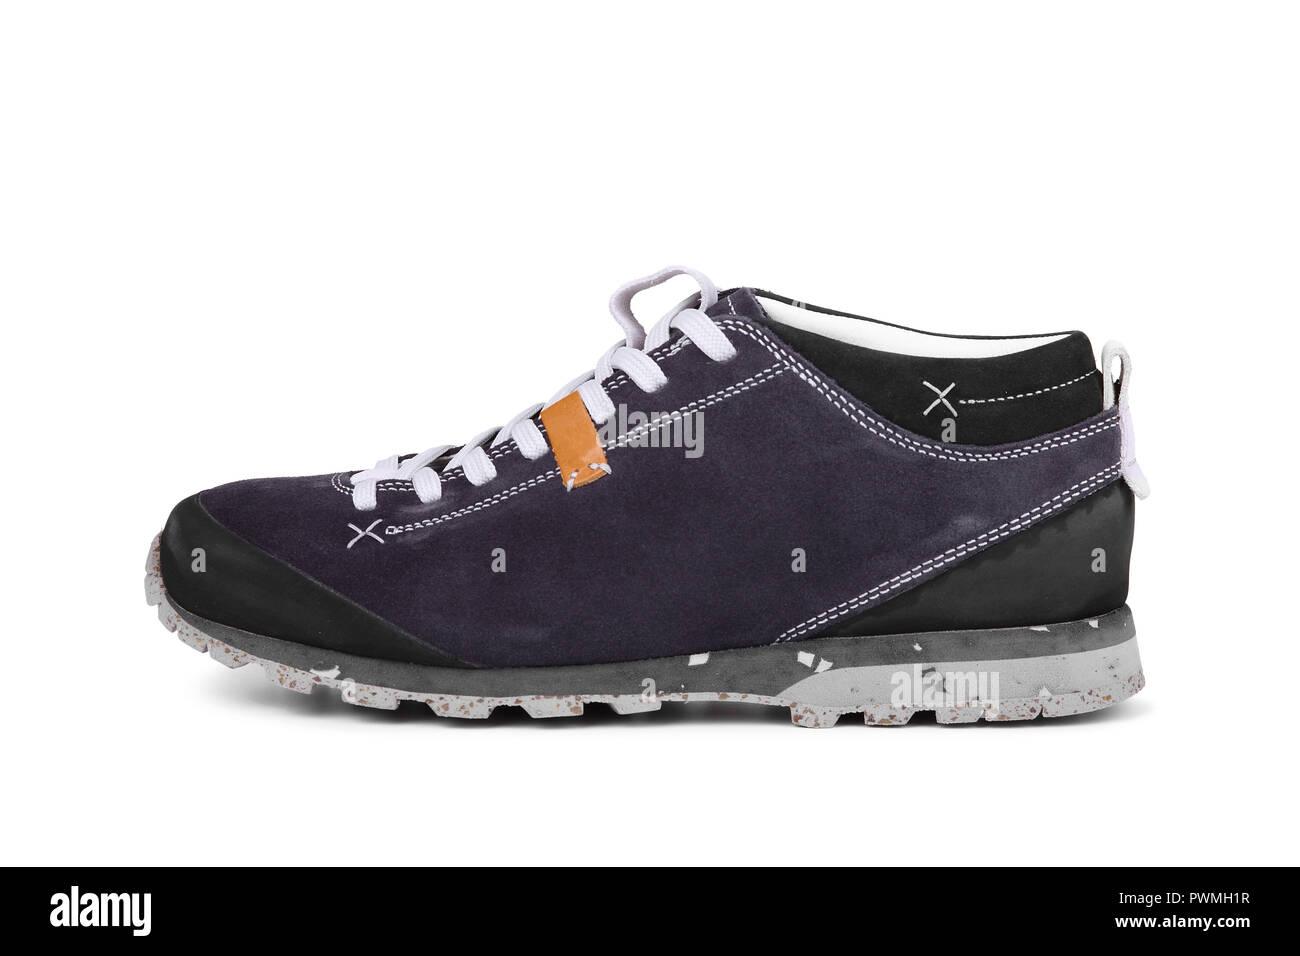 59b2934045cf3 Chaussures de montagne trekking court isolé sur fond blanc Photo Stock